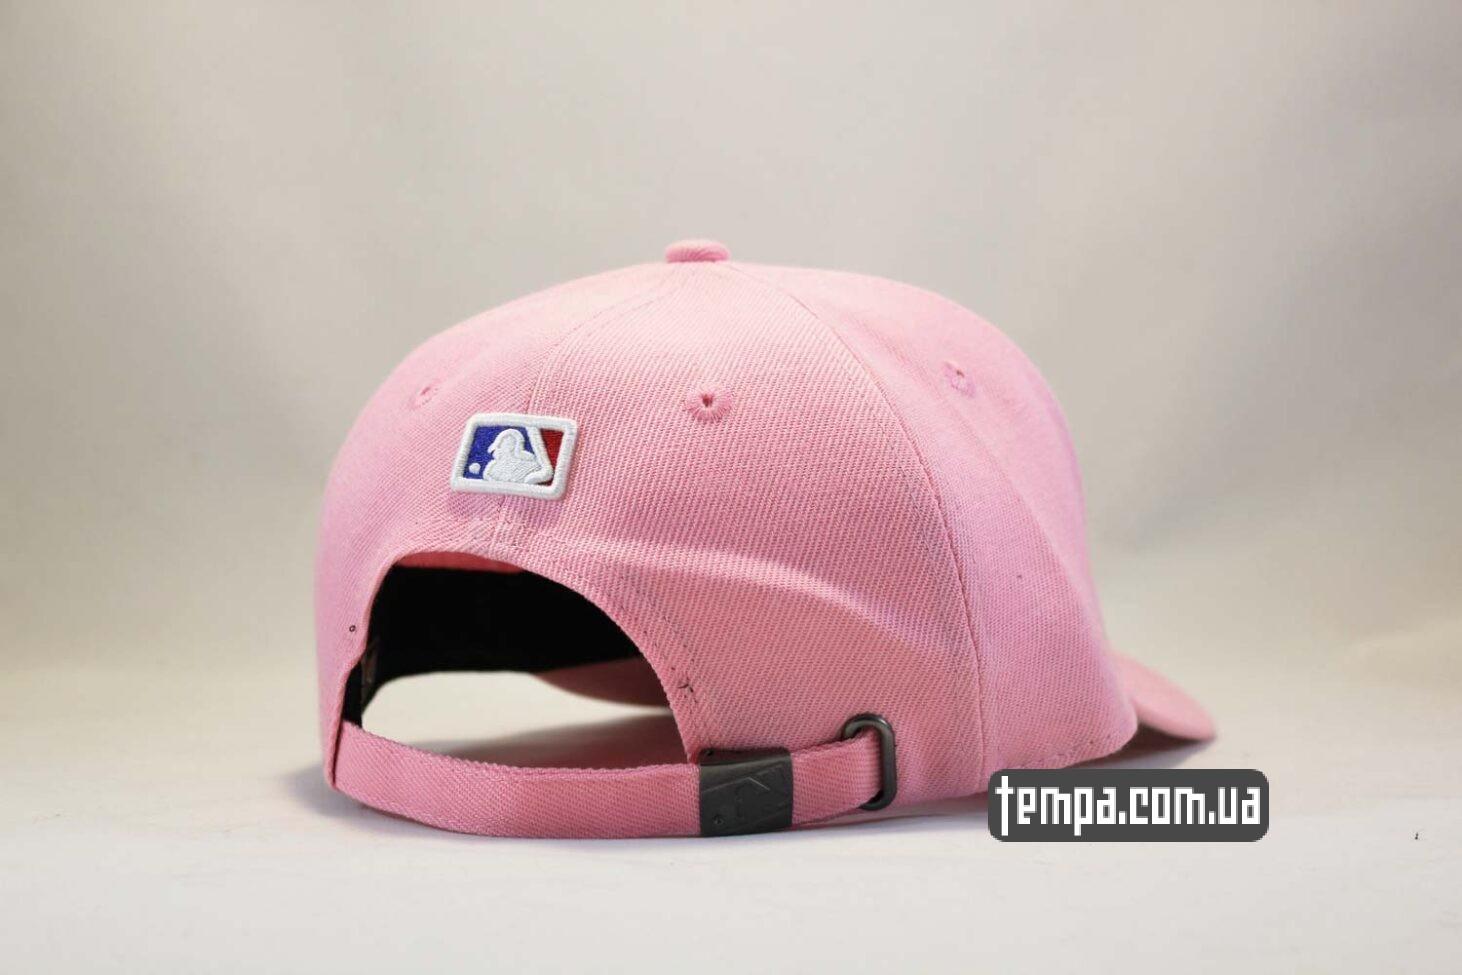 нью эра магазин кепка бейсболка New Era Yankees Pink розовая бейсболка